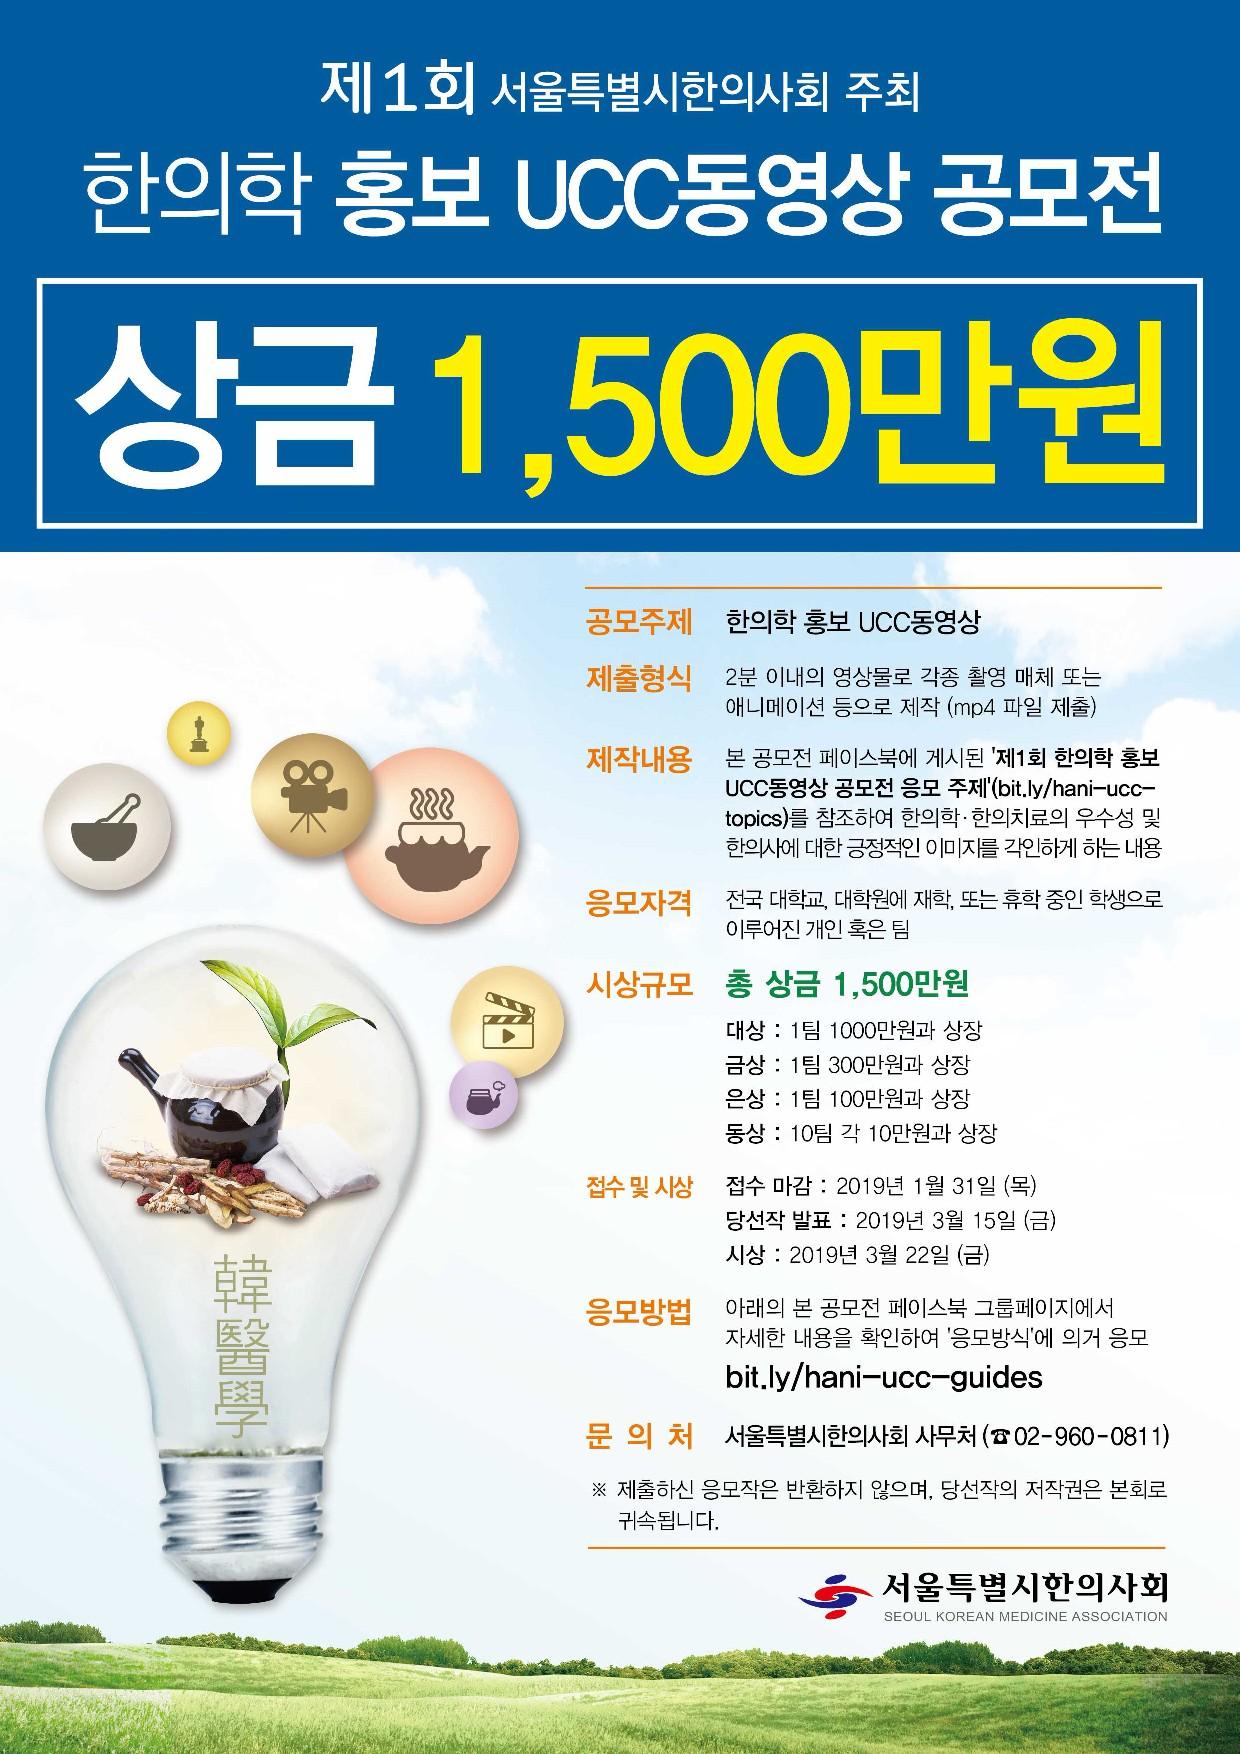 2019 제1회 한의학 홍보 UCC동영상 공모전